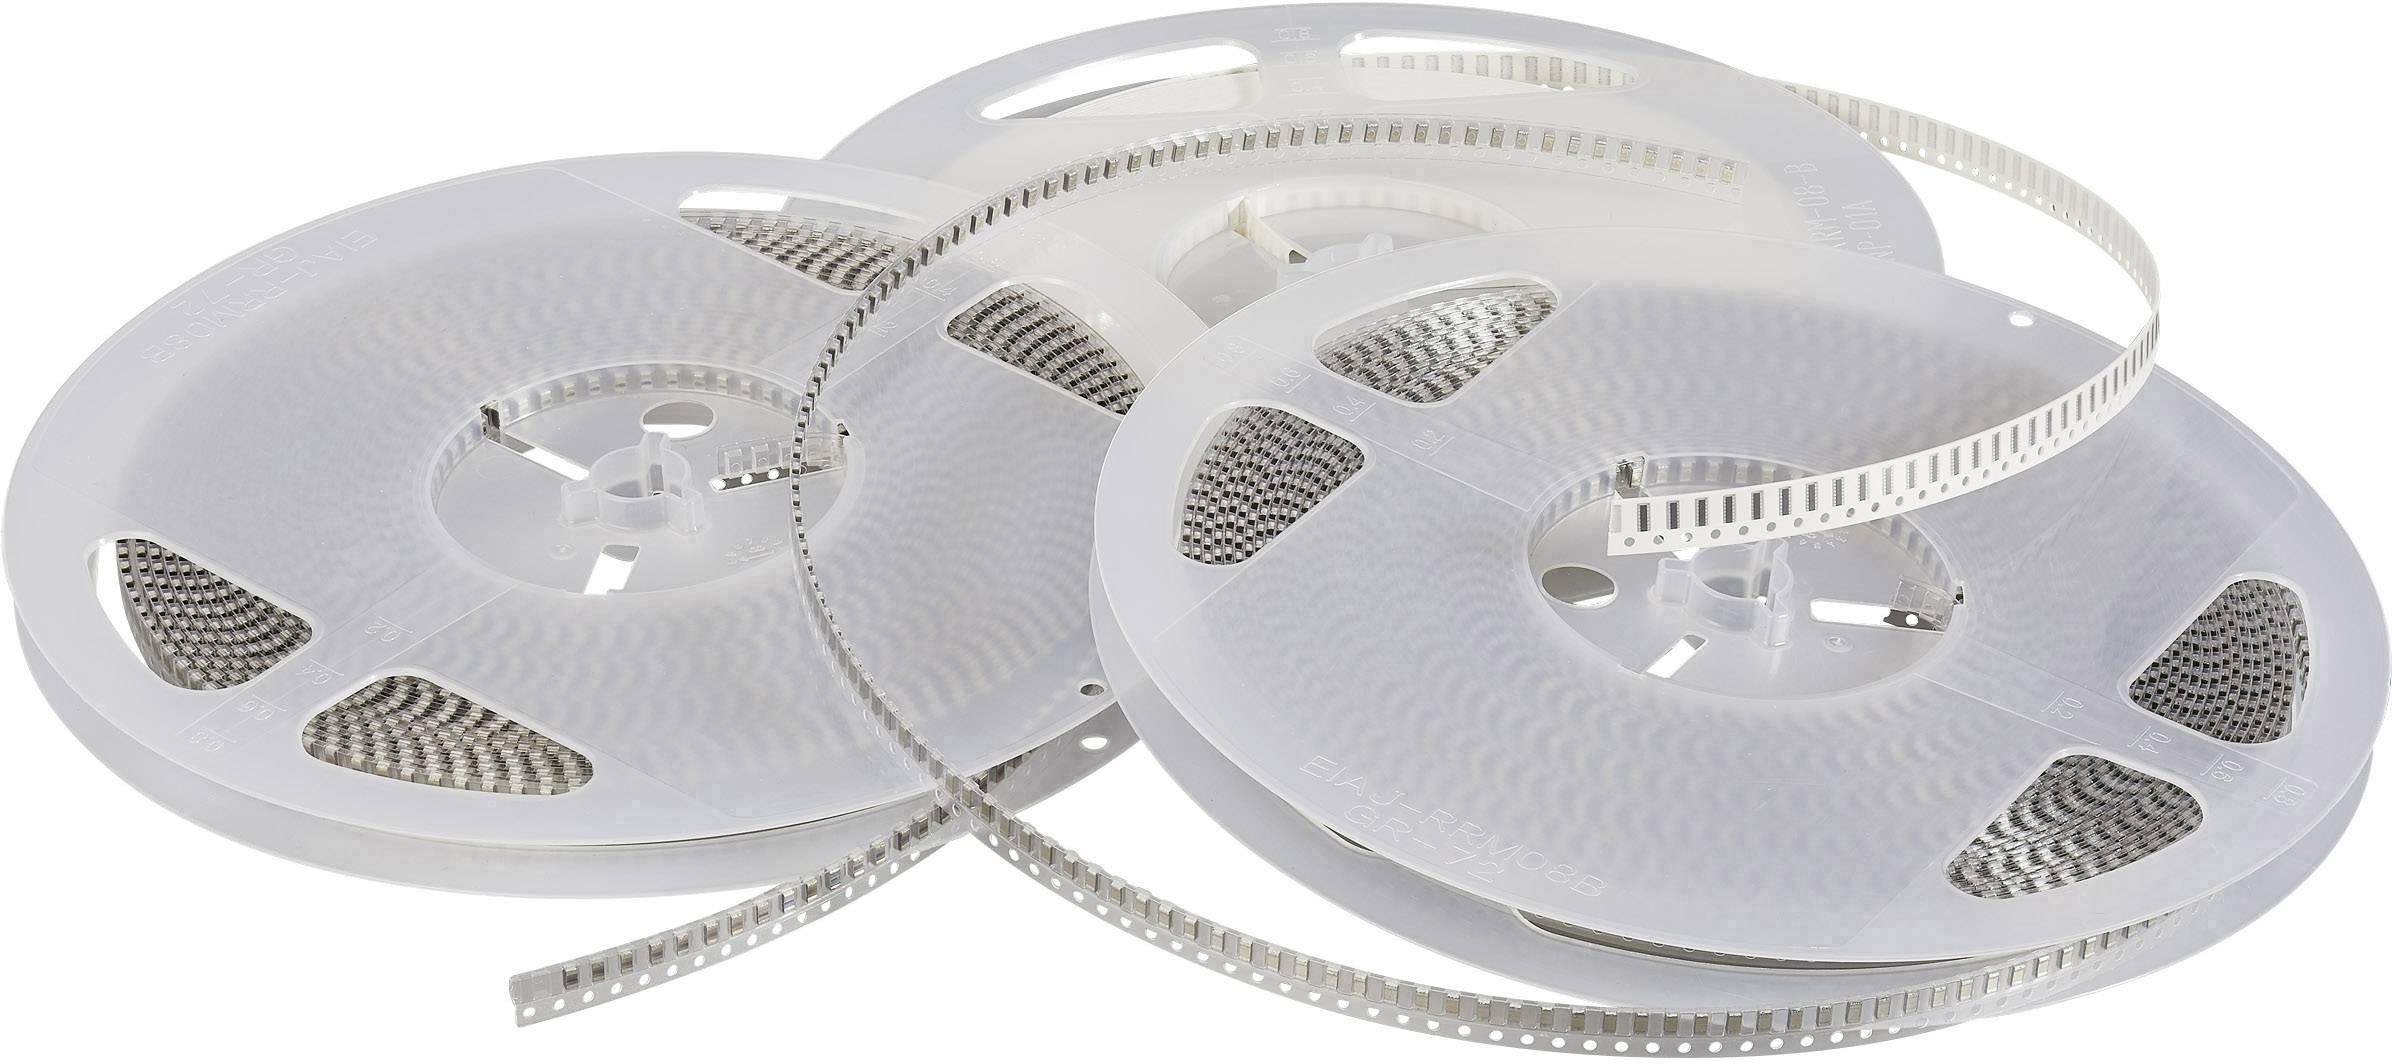 Fóliový kondenzátor Panasonic ECHU1H272GX5 SMD, 0805, 0.0027 µF, 50 V/DC,2 %, (d x š) 2 mm x 1.25 mm, 300 ks